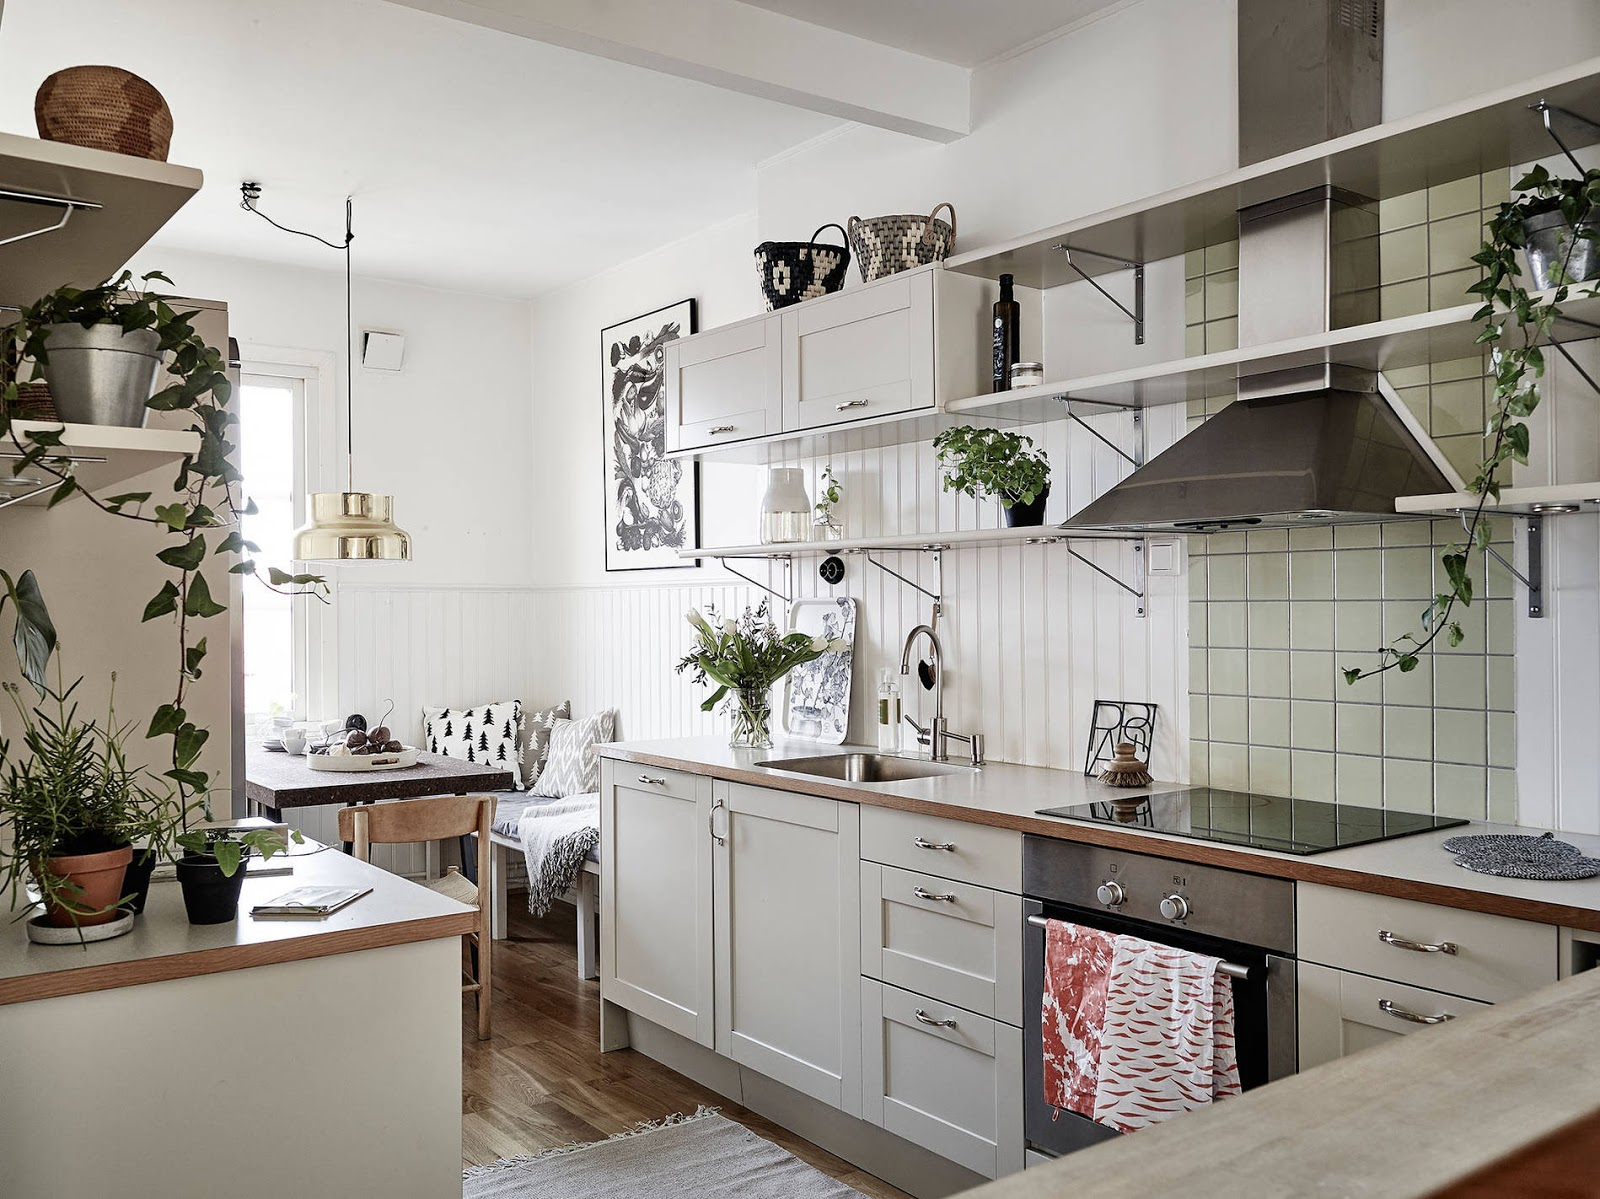 kuchnia w stylu skandynawskim, jak urządzić kuchnie w stylu skandynawskim